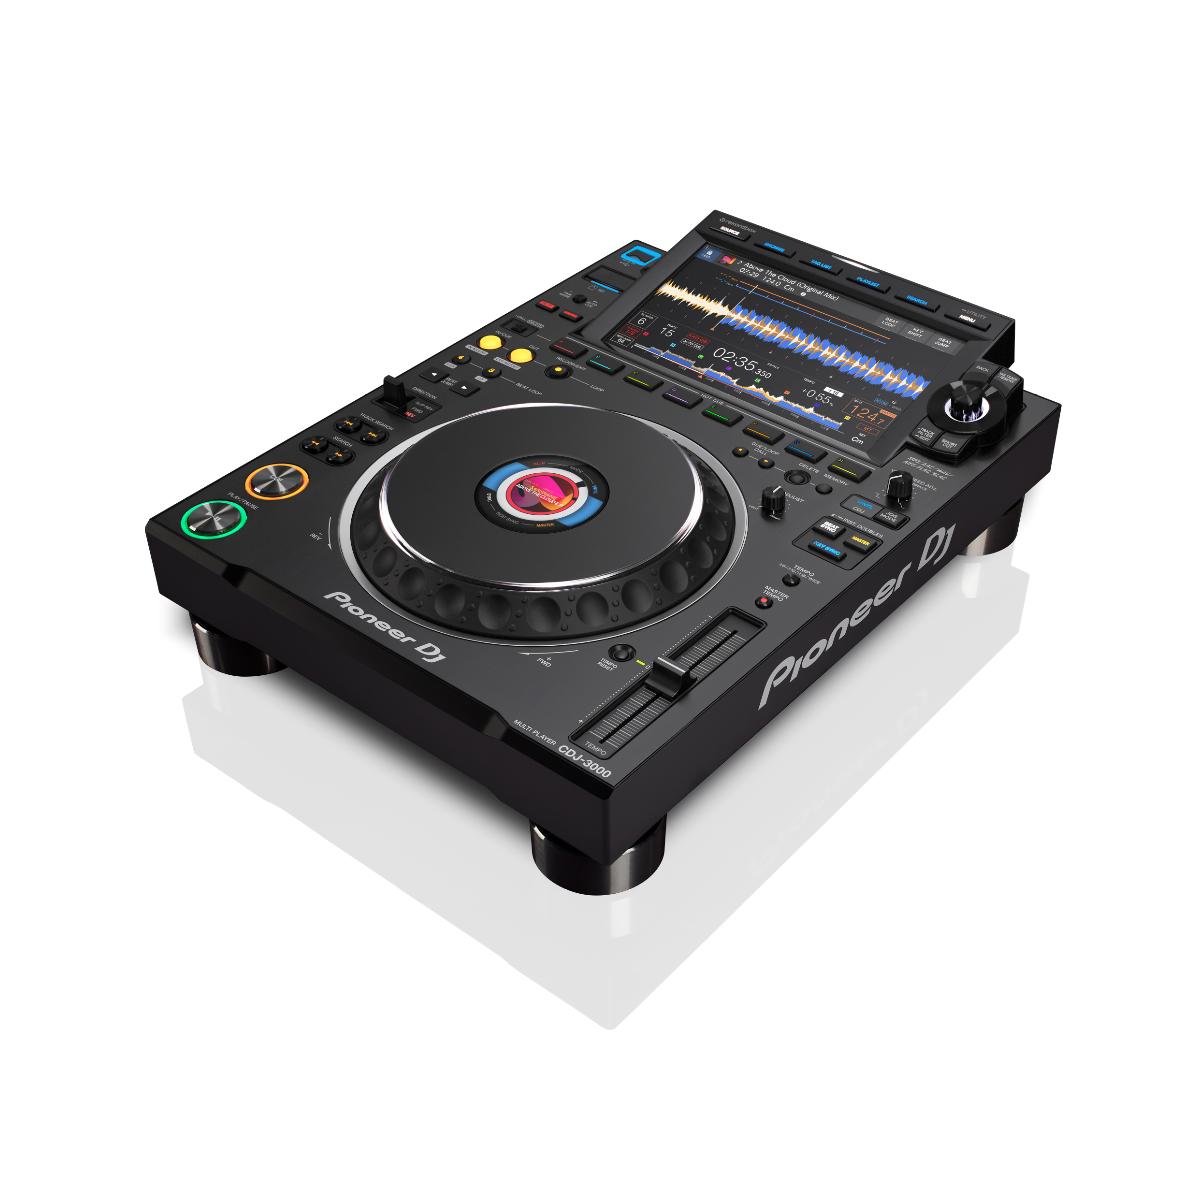 Platines DJ à plats - Pioneer DJ - CDJ-3000